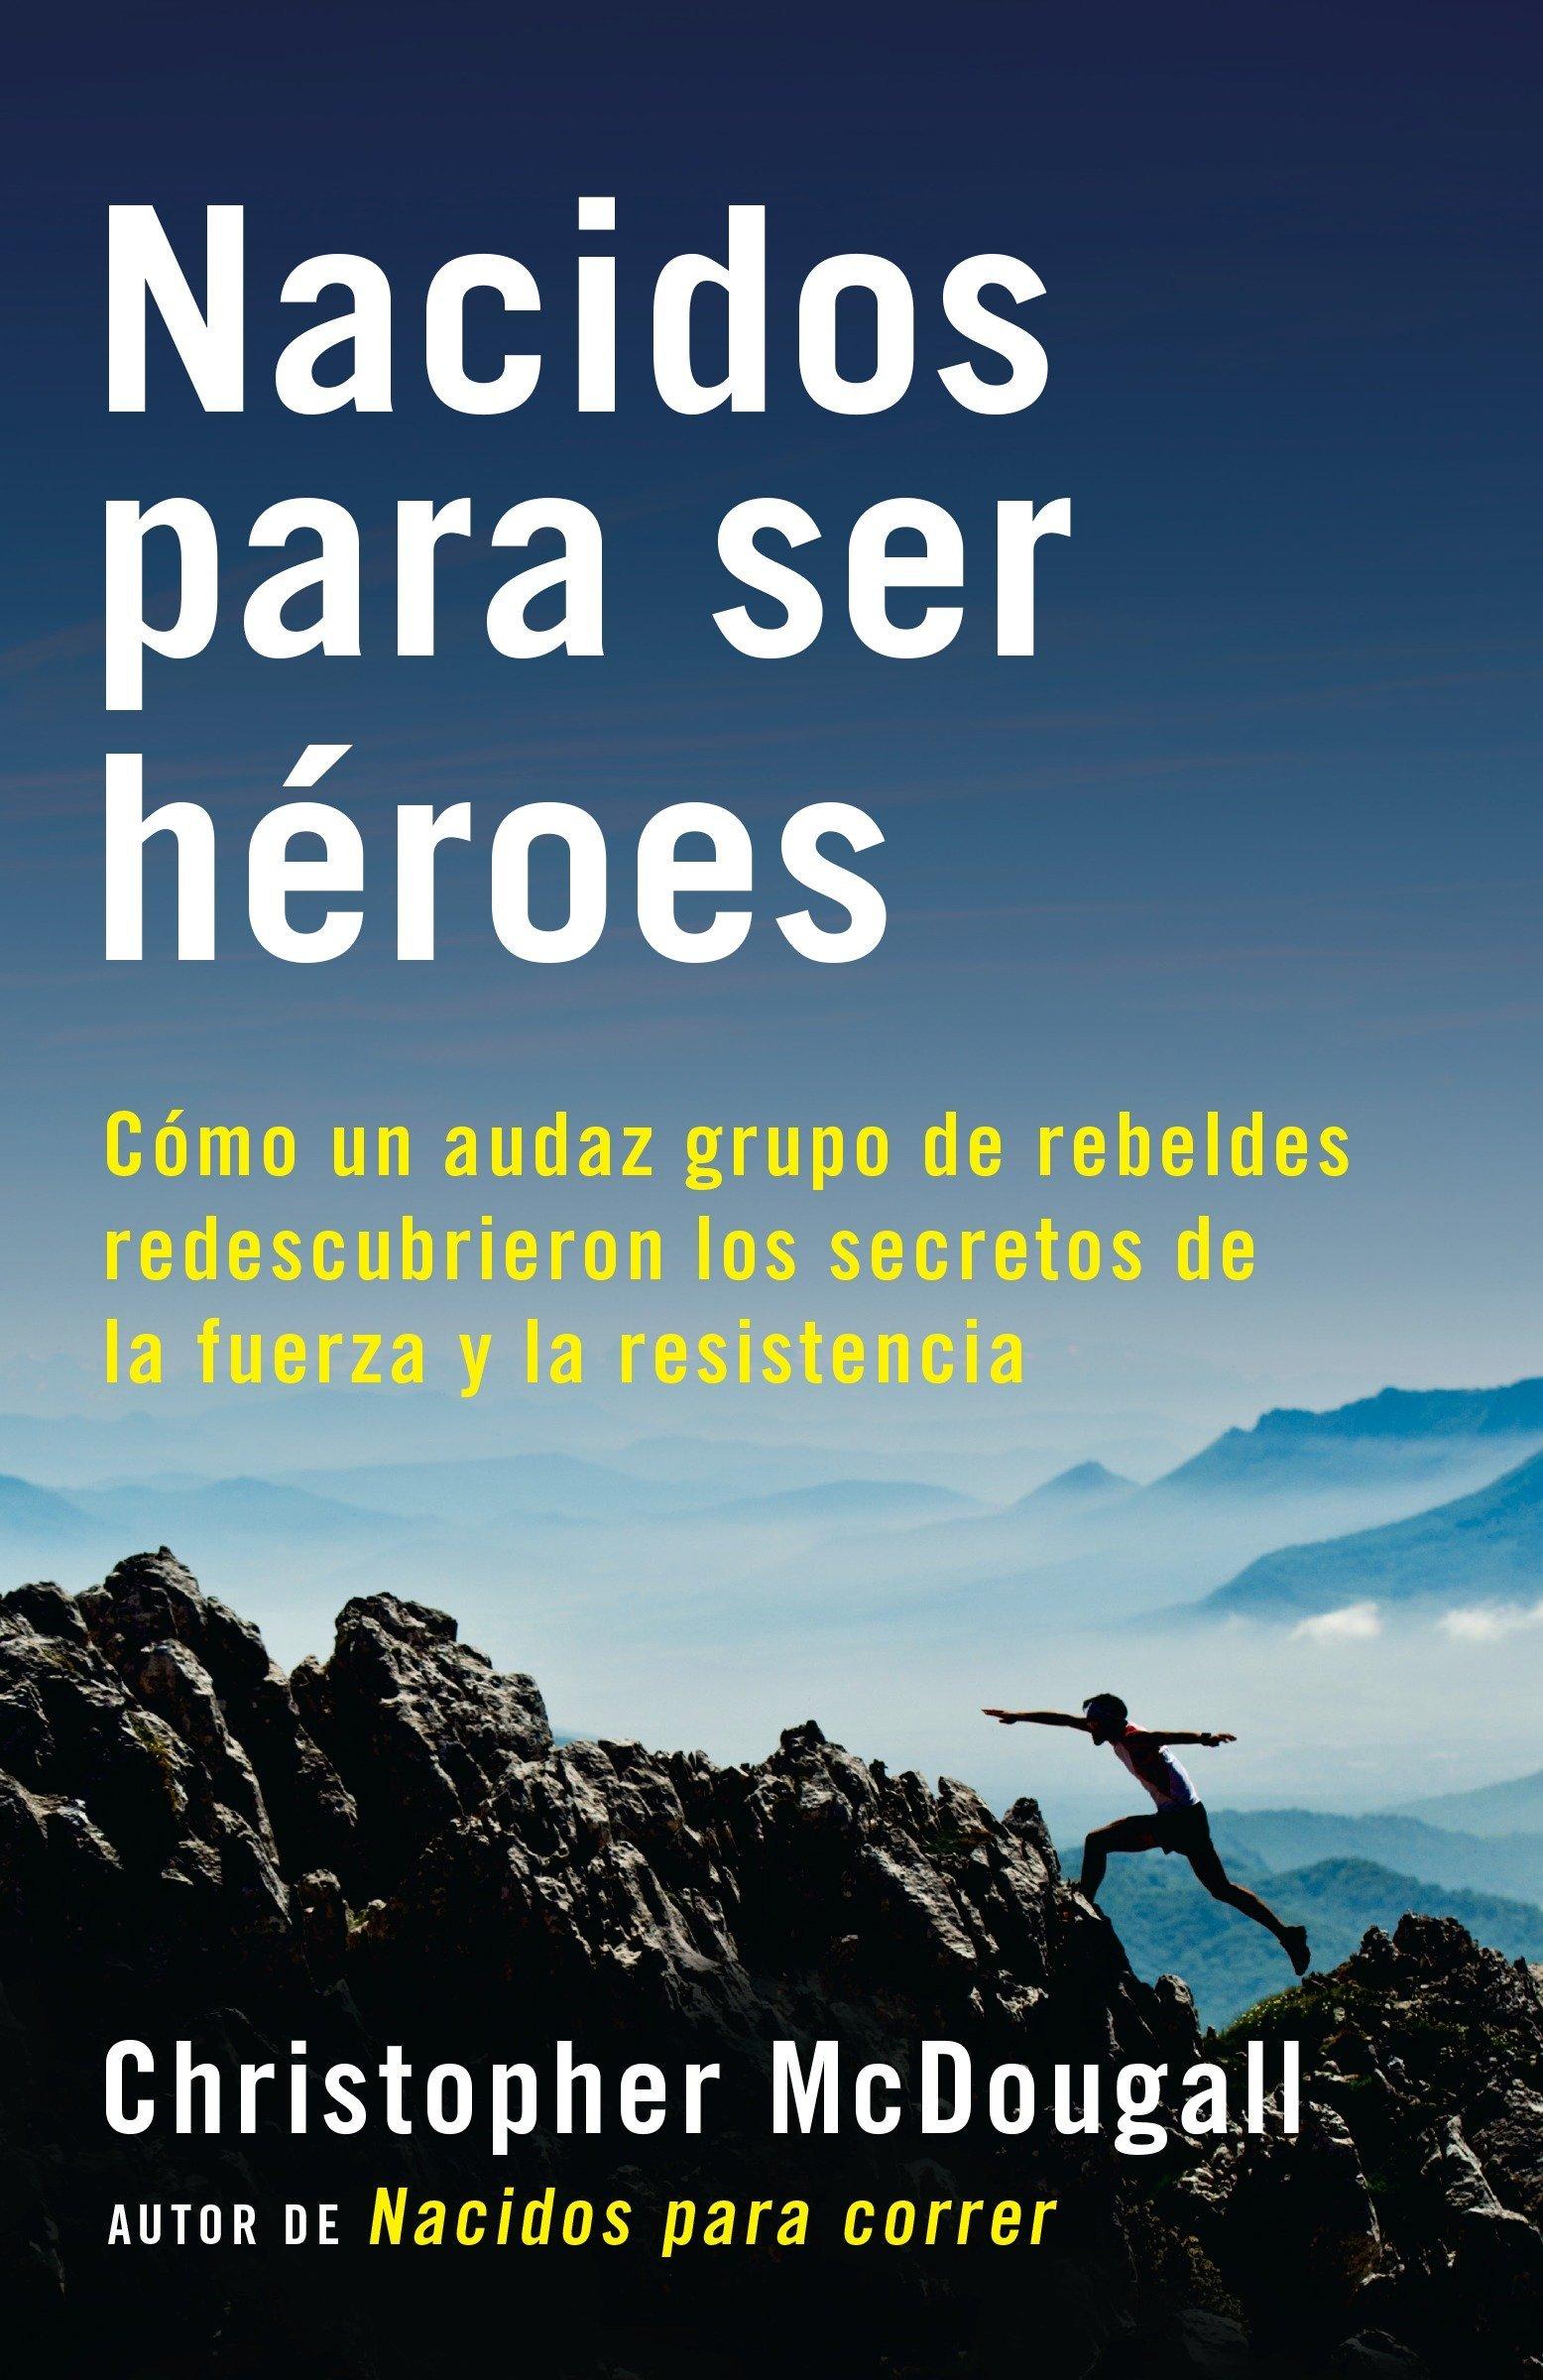 Nacidos Para Ser Héroes: Cómo Un Audaz Grupo de Rebeldes Redescubrieron Los Secretos de la Fuerza Y La Resistencia (A Vintage Espanol Original)